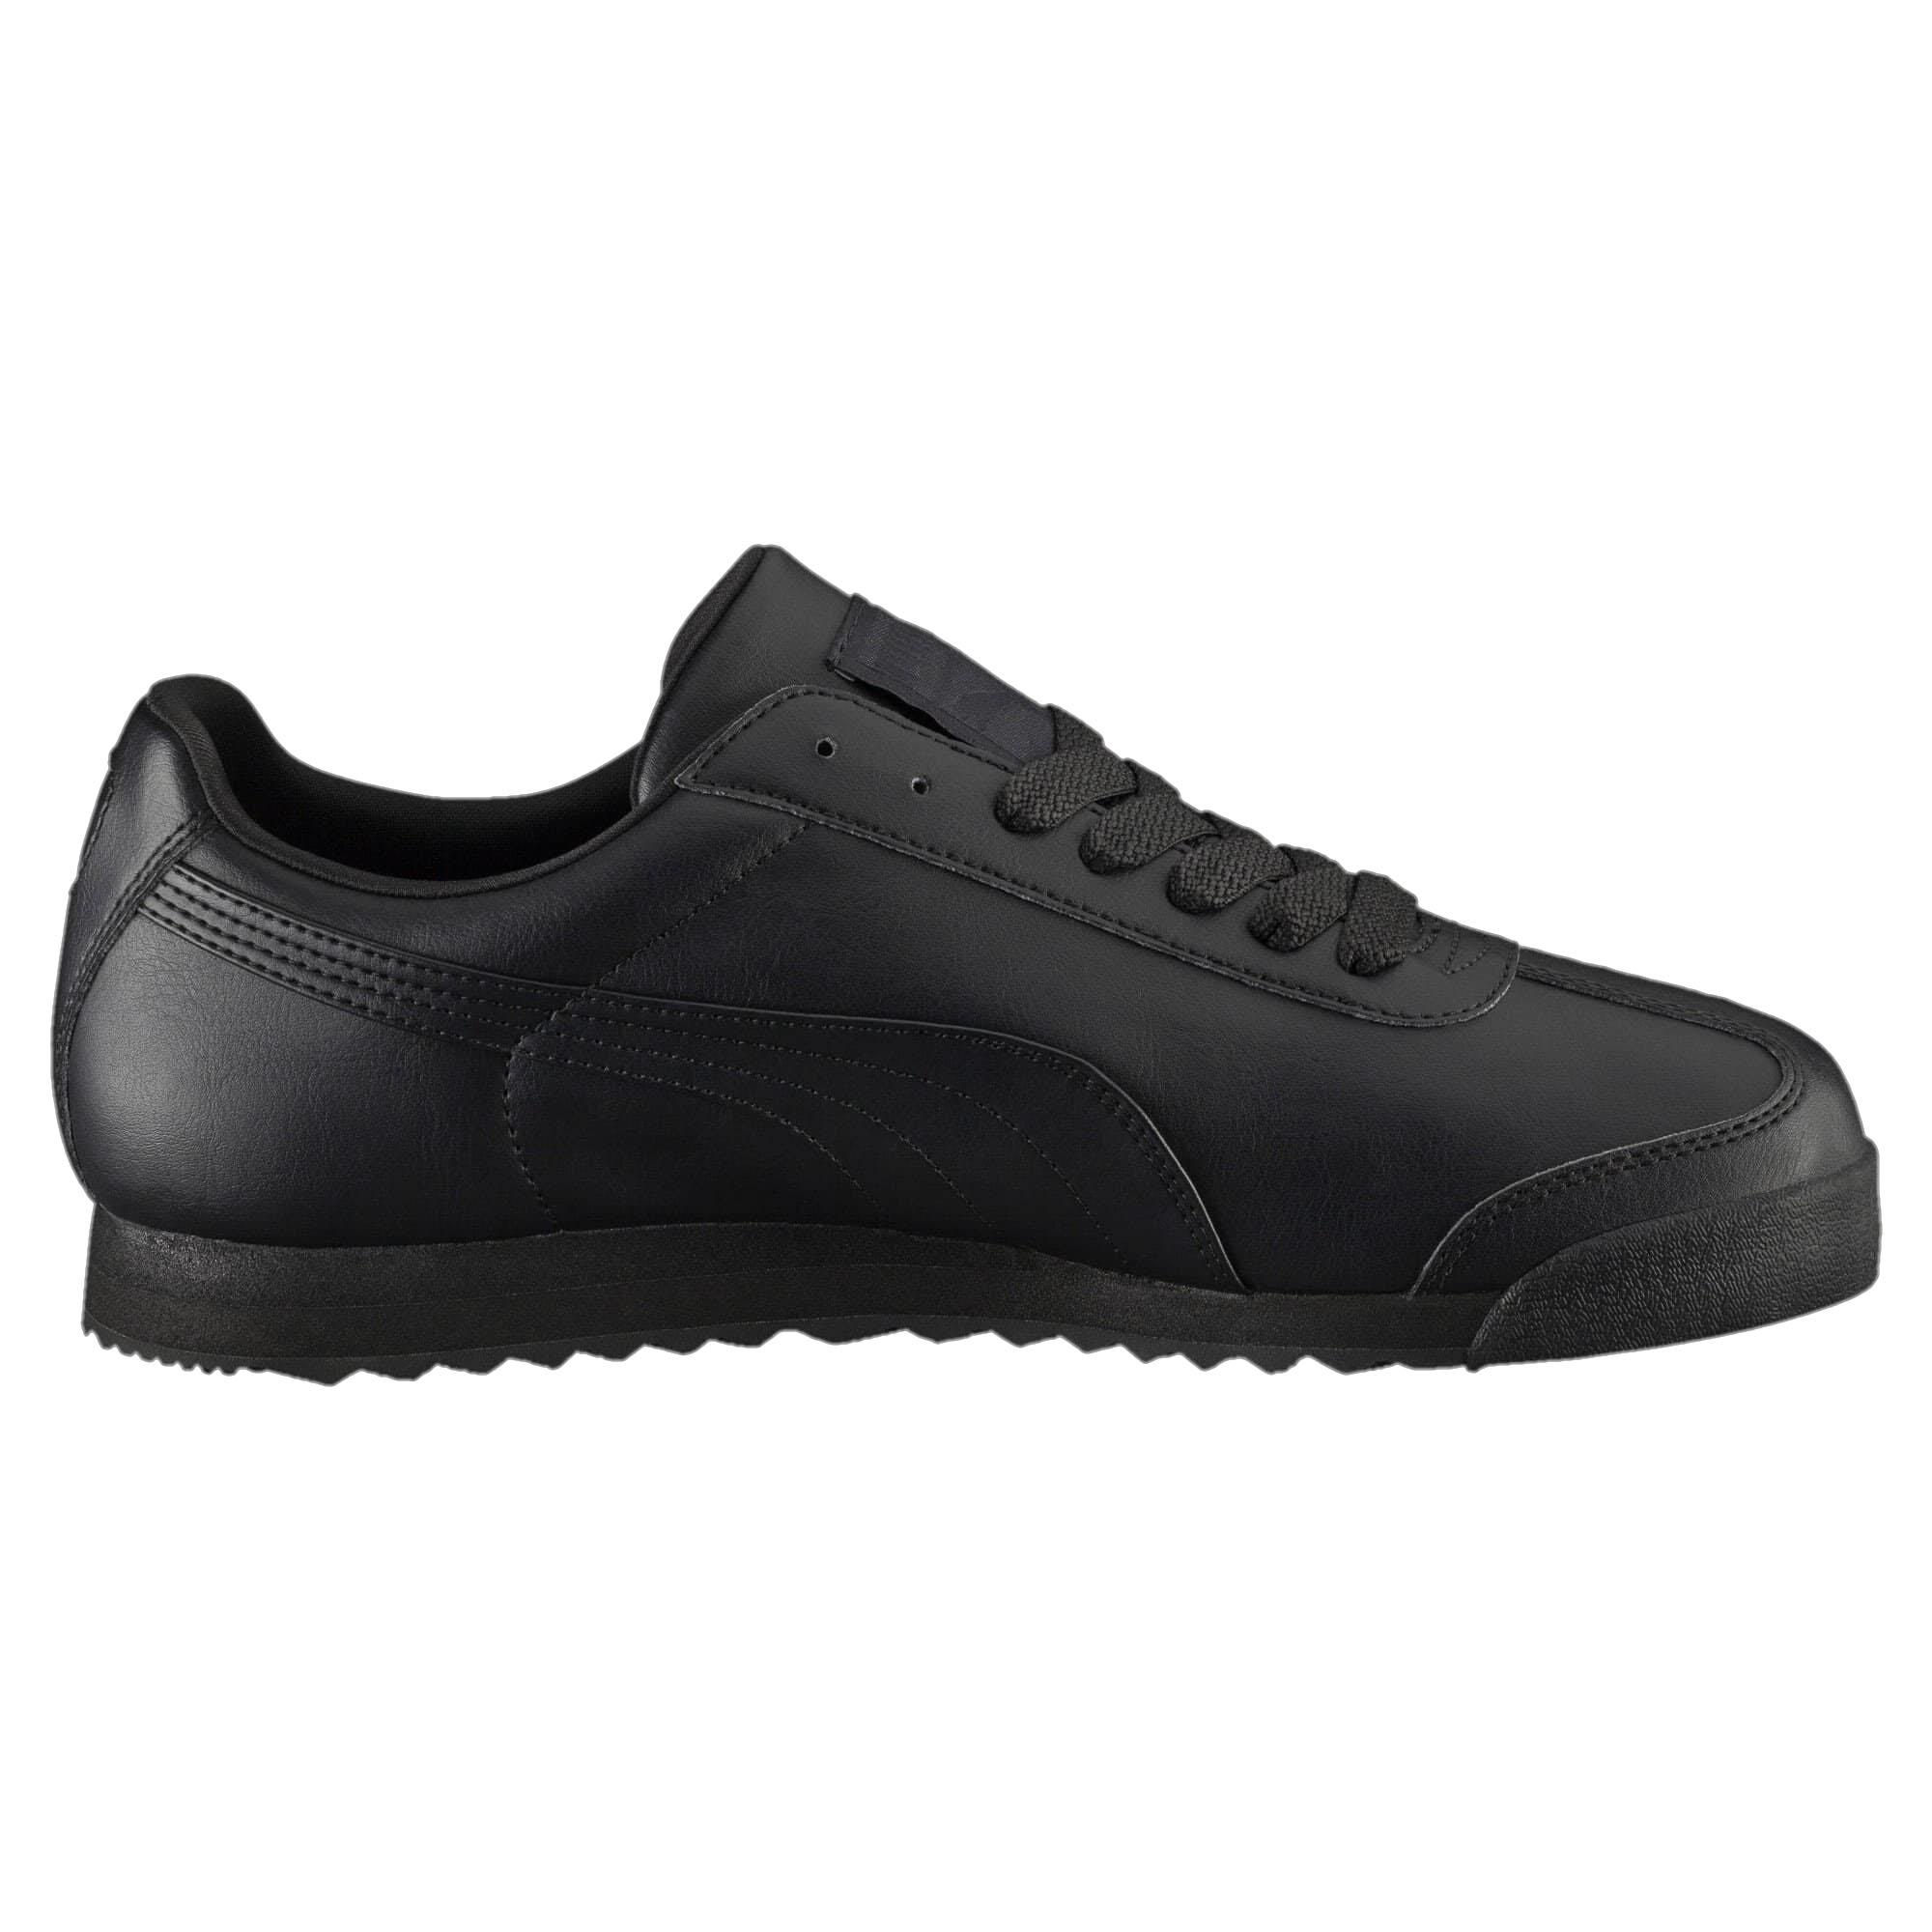 Кроссовки Puma Roma Basic, black/black, 9.5 UK фото